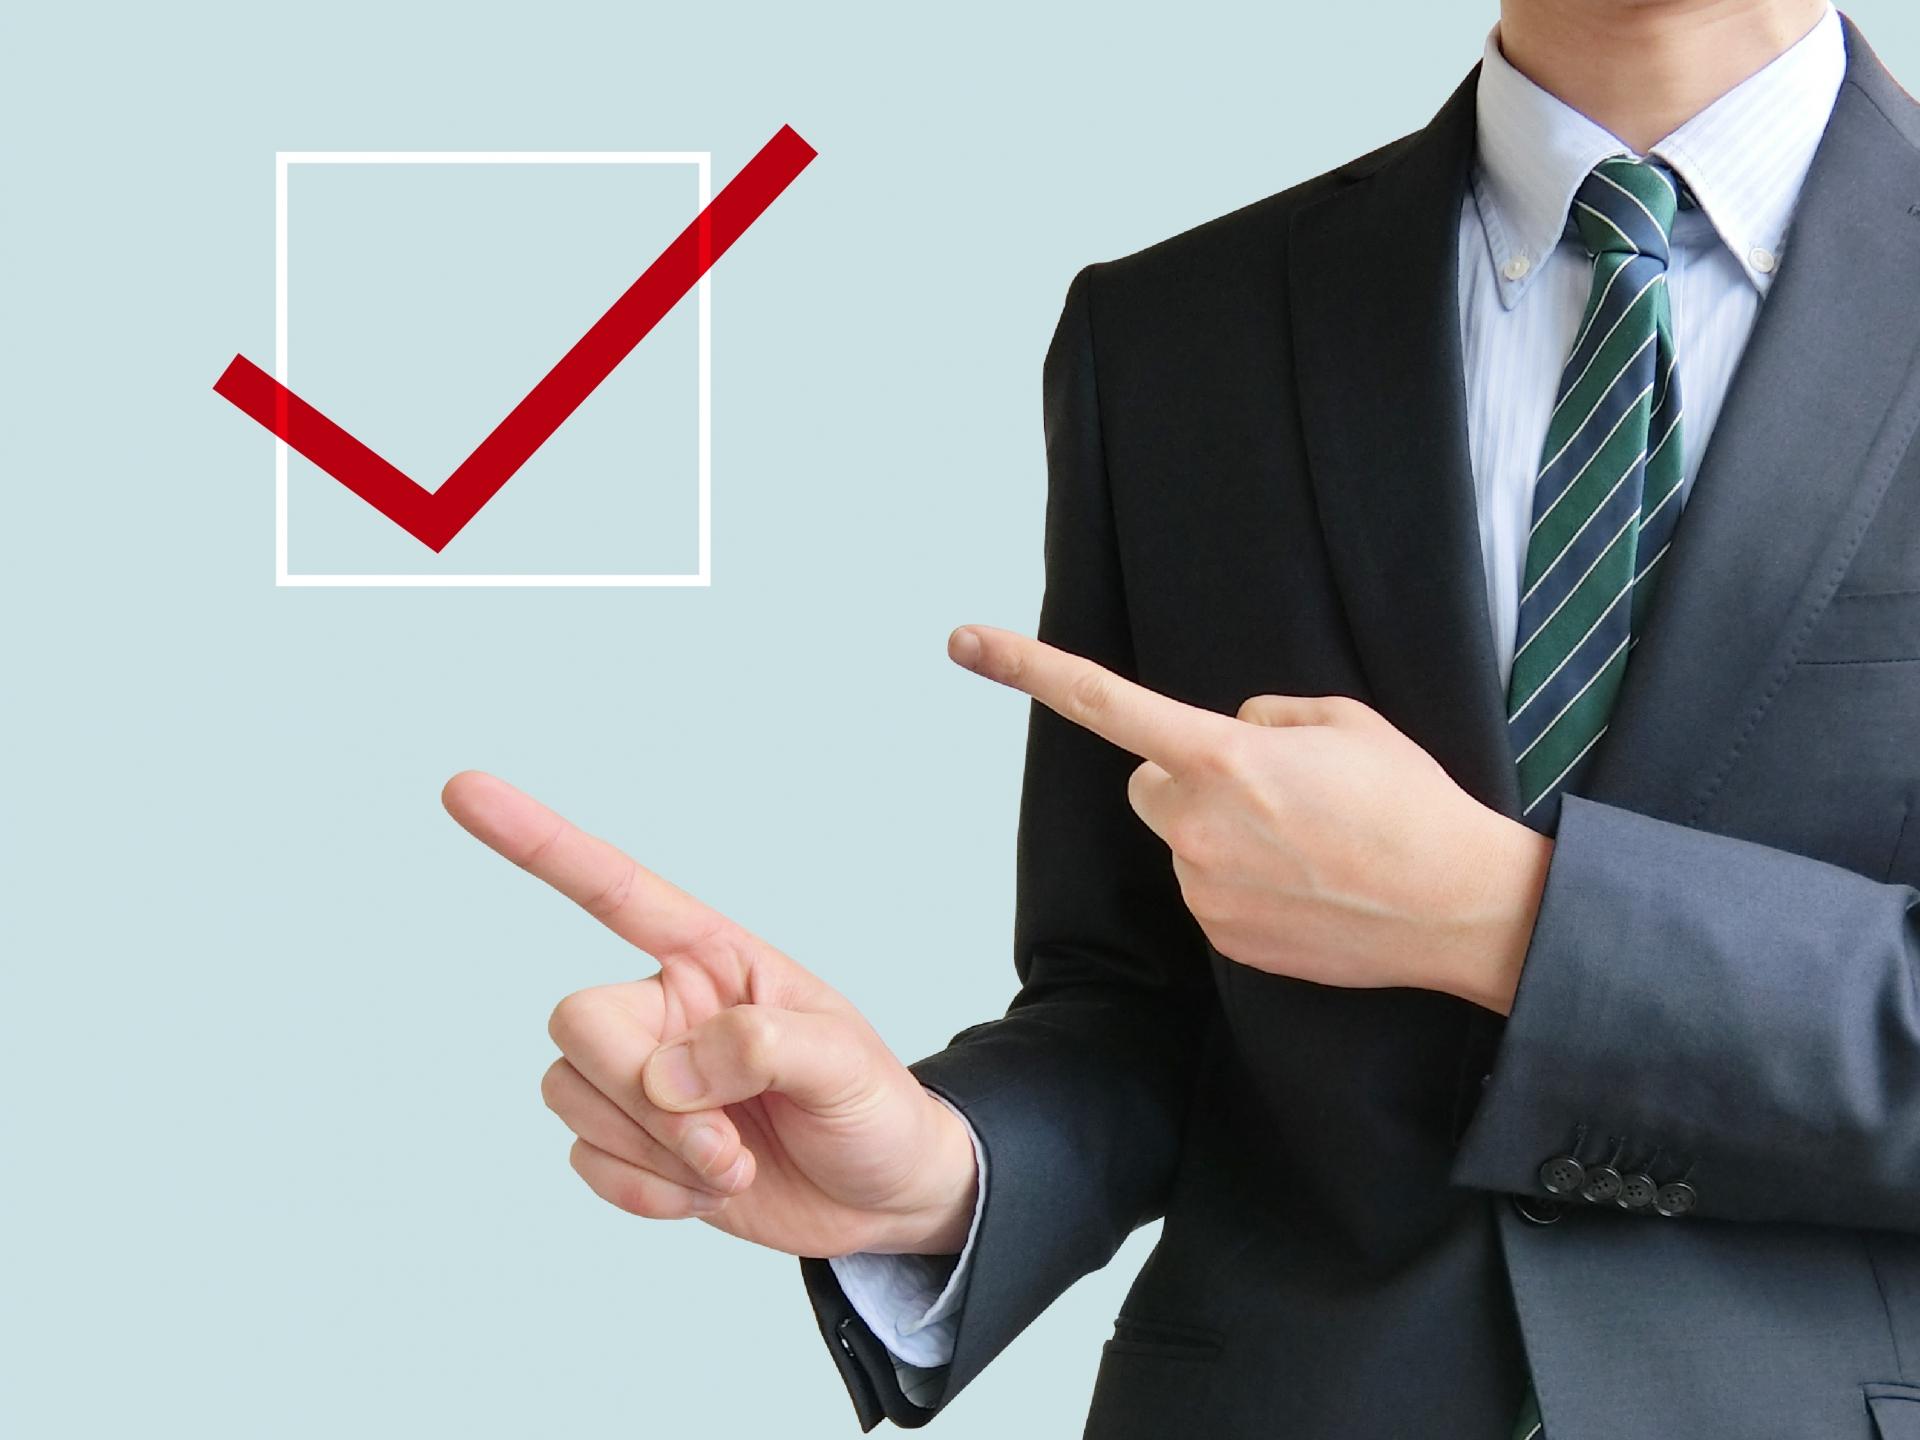 トップセールスマン7つの共通項・・・売れる営業・売れない営業の違いとは?_チェック